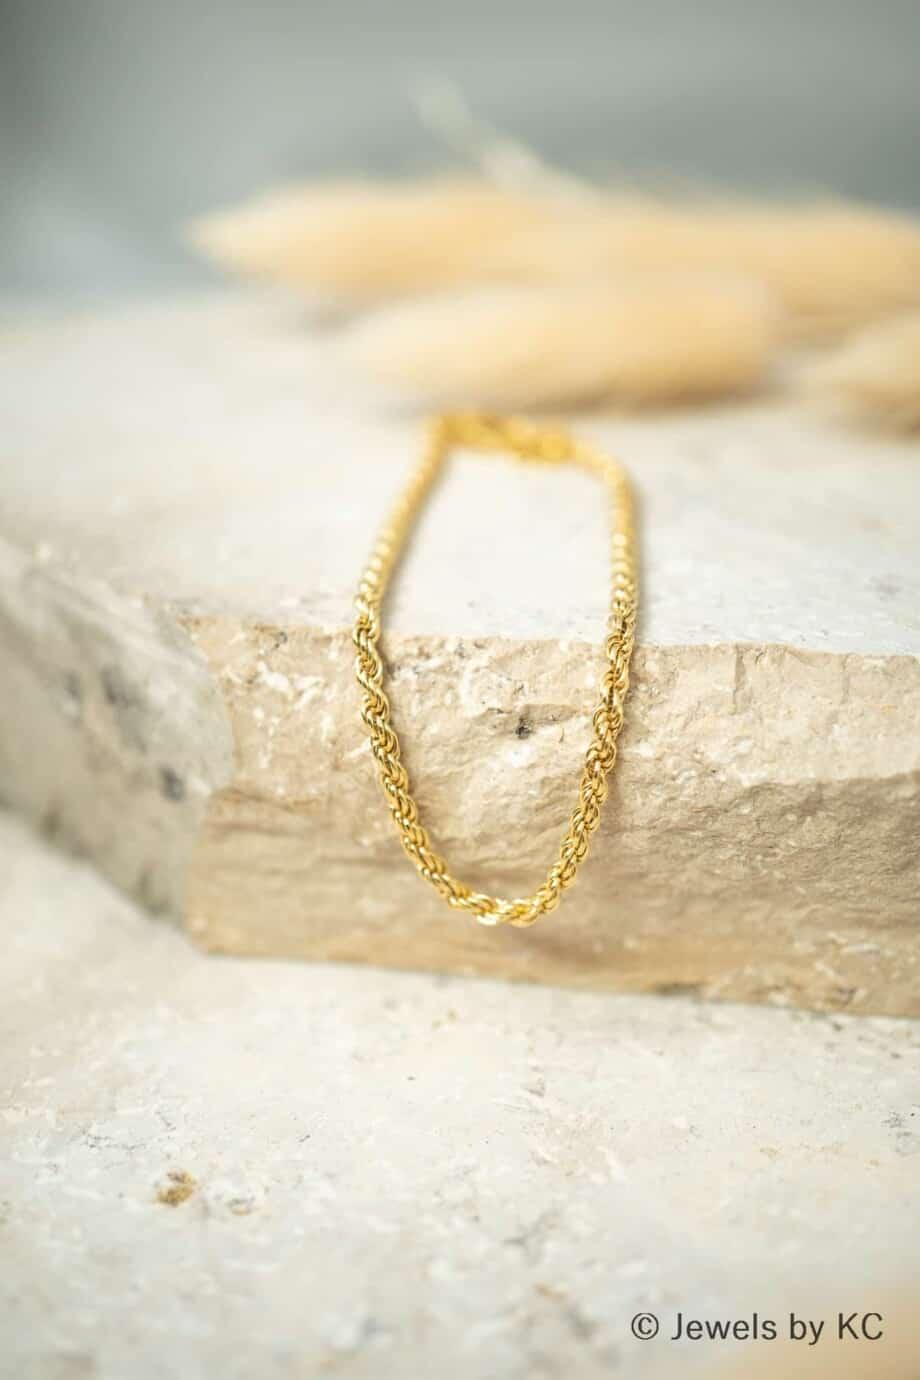 Gouden armband Classic cord van Goud op zilver